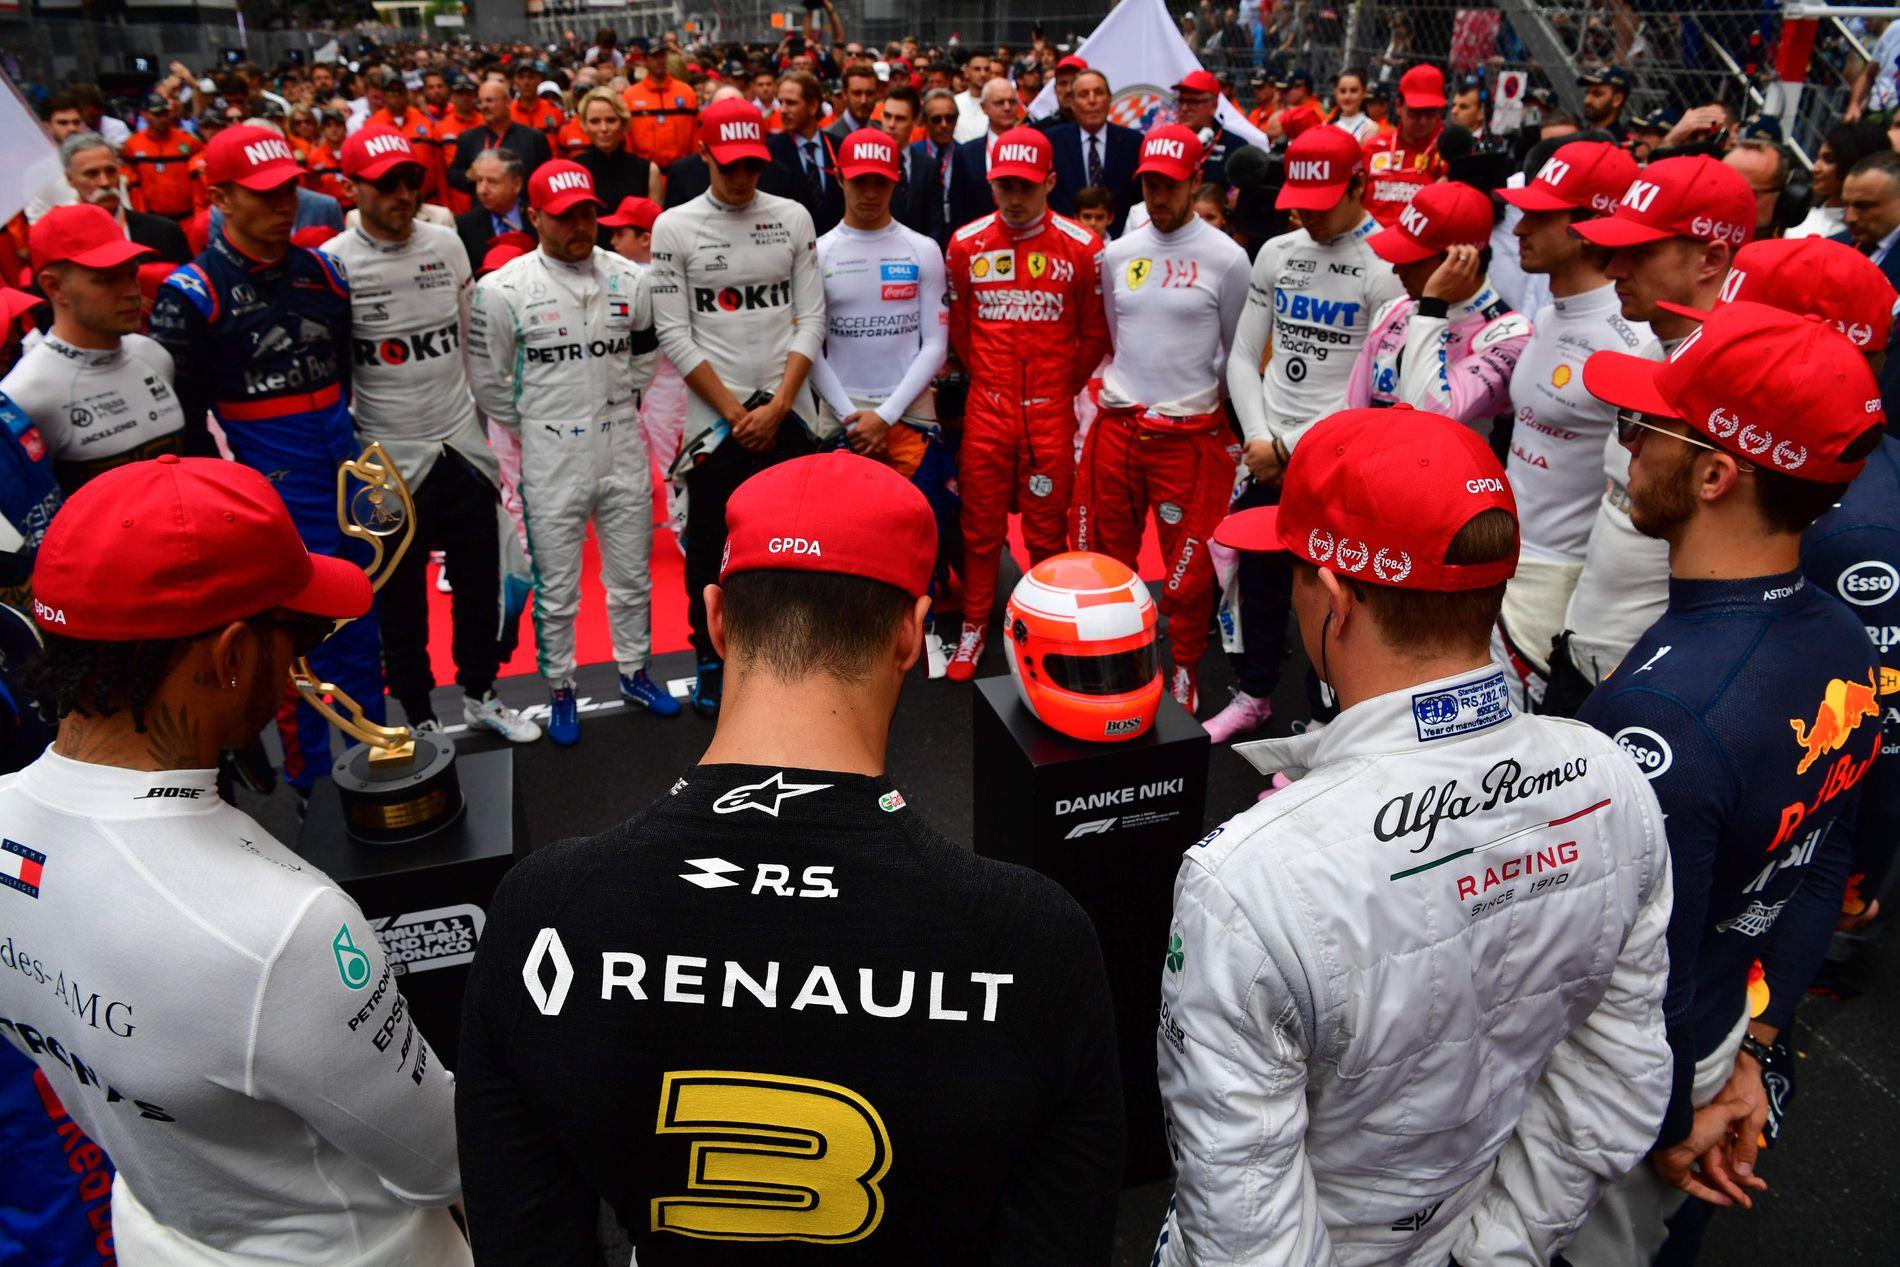 ETT MINUTTS STILLHET: Under helgens Formel 1-løp i Monaco hedret førerne og teamene Niki Lauda med ett minutts stillhet i røde capser, slik som racinglegenden var kjent for å alltid gå med.